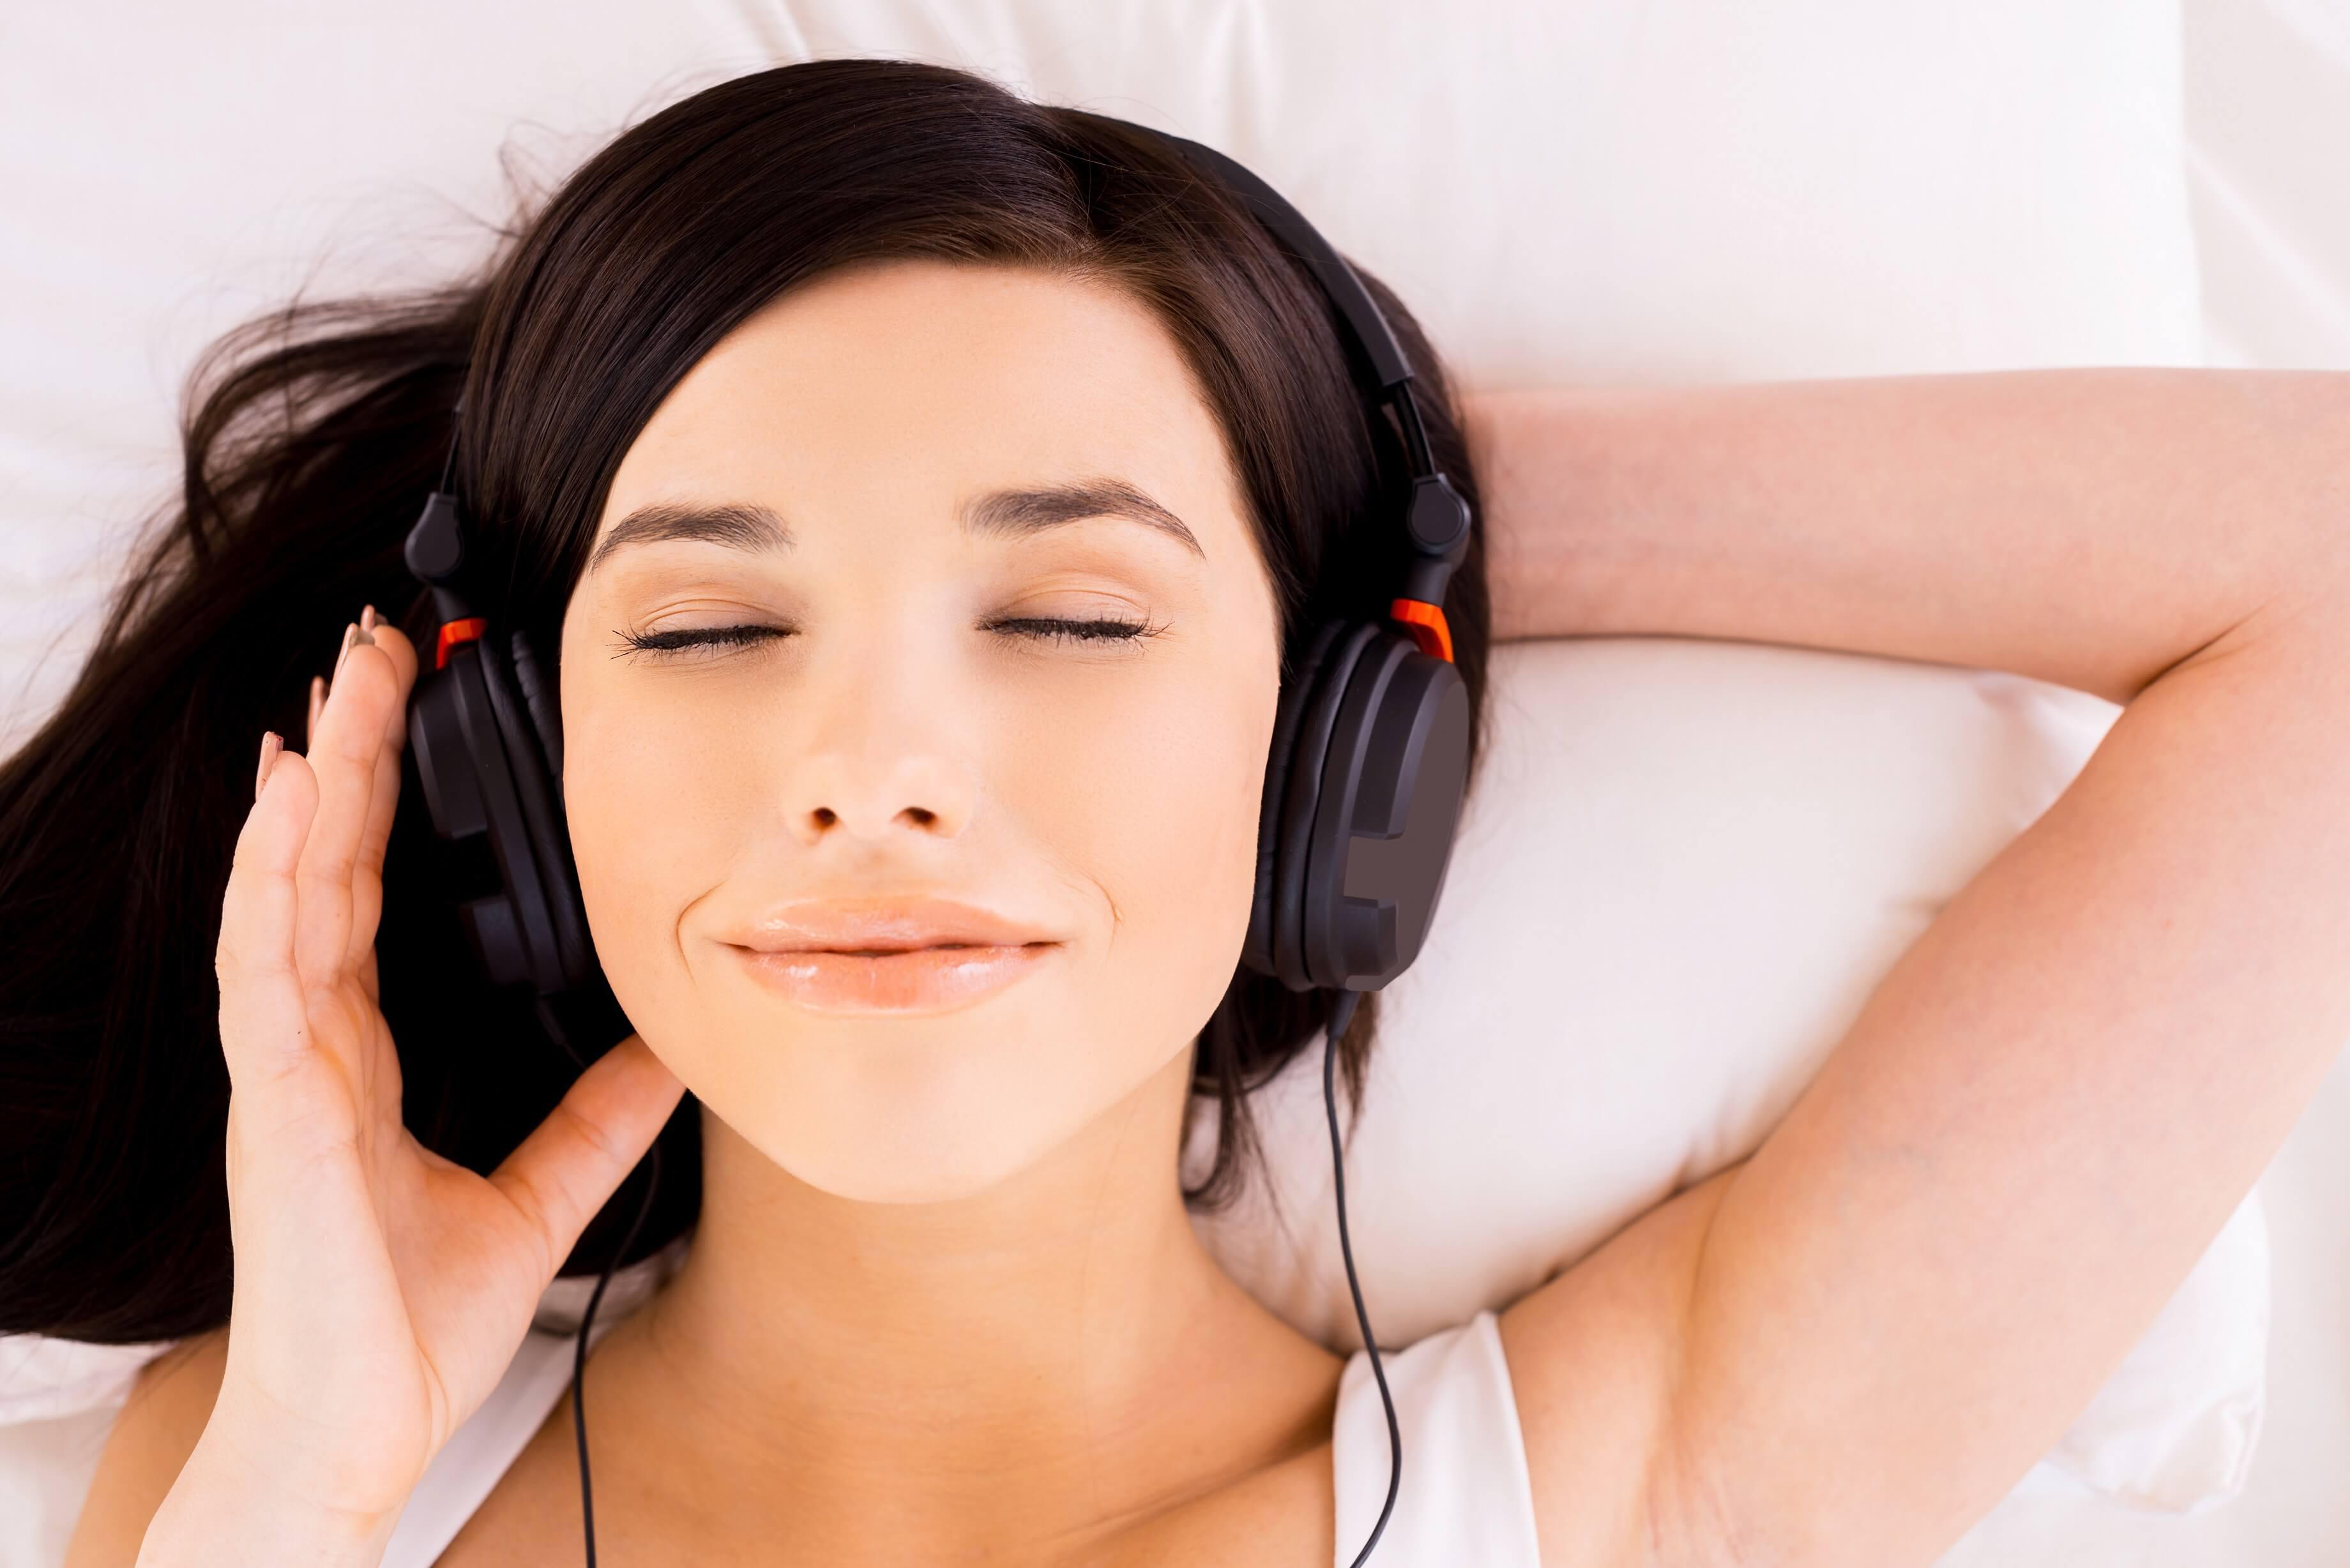 Песни звонок на любимого)): найдено 80 композиций.